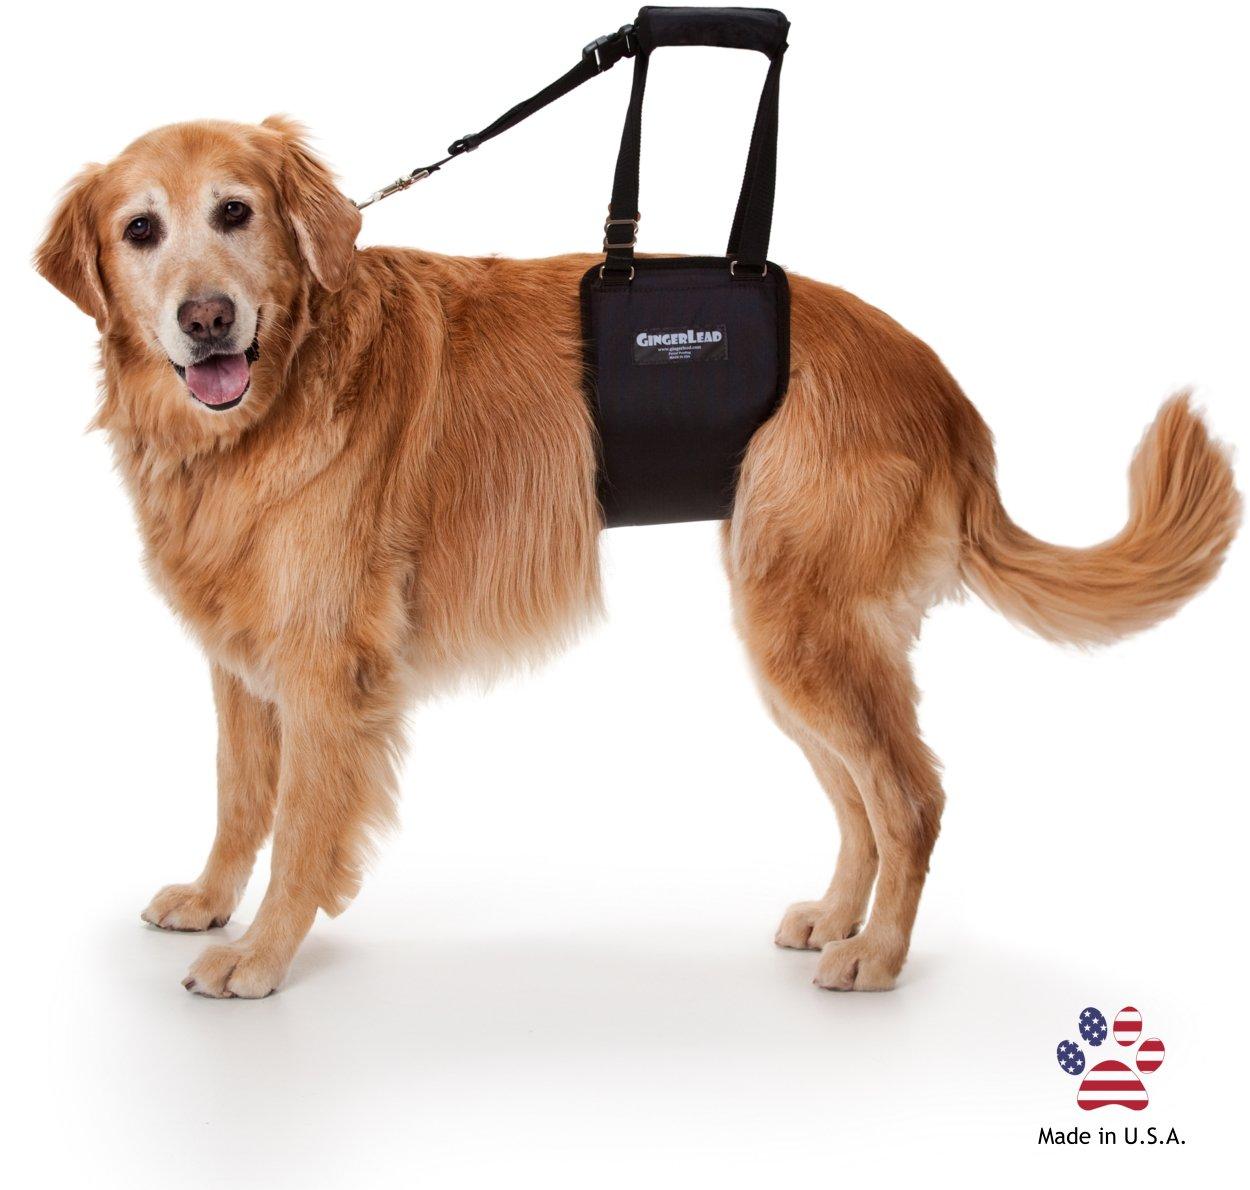 Service Dog Restrictions